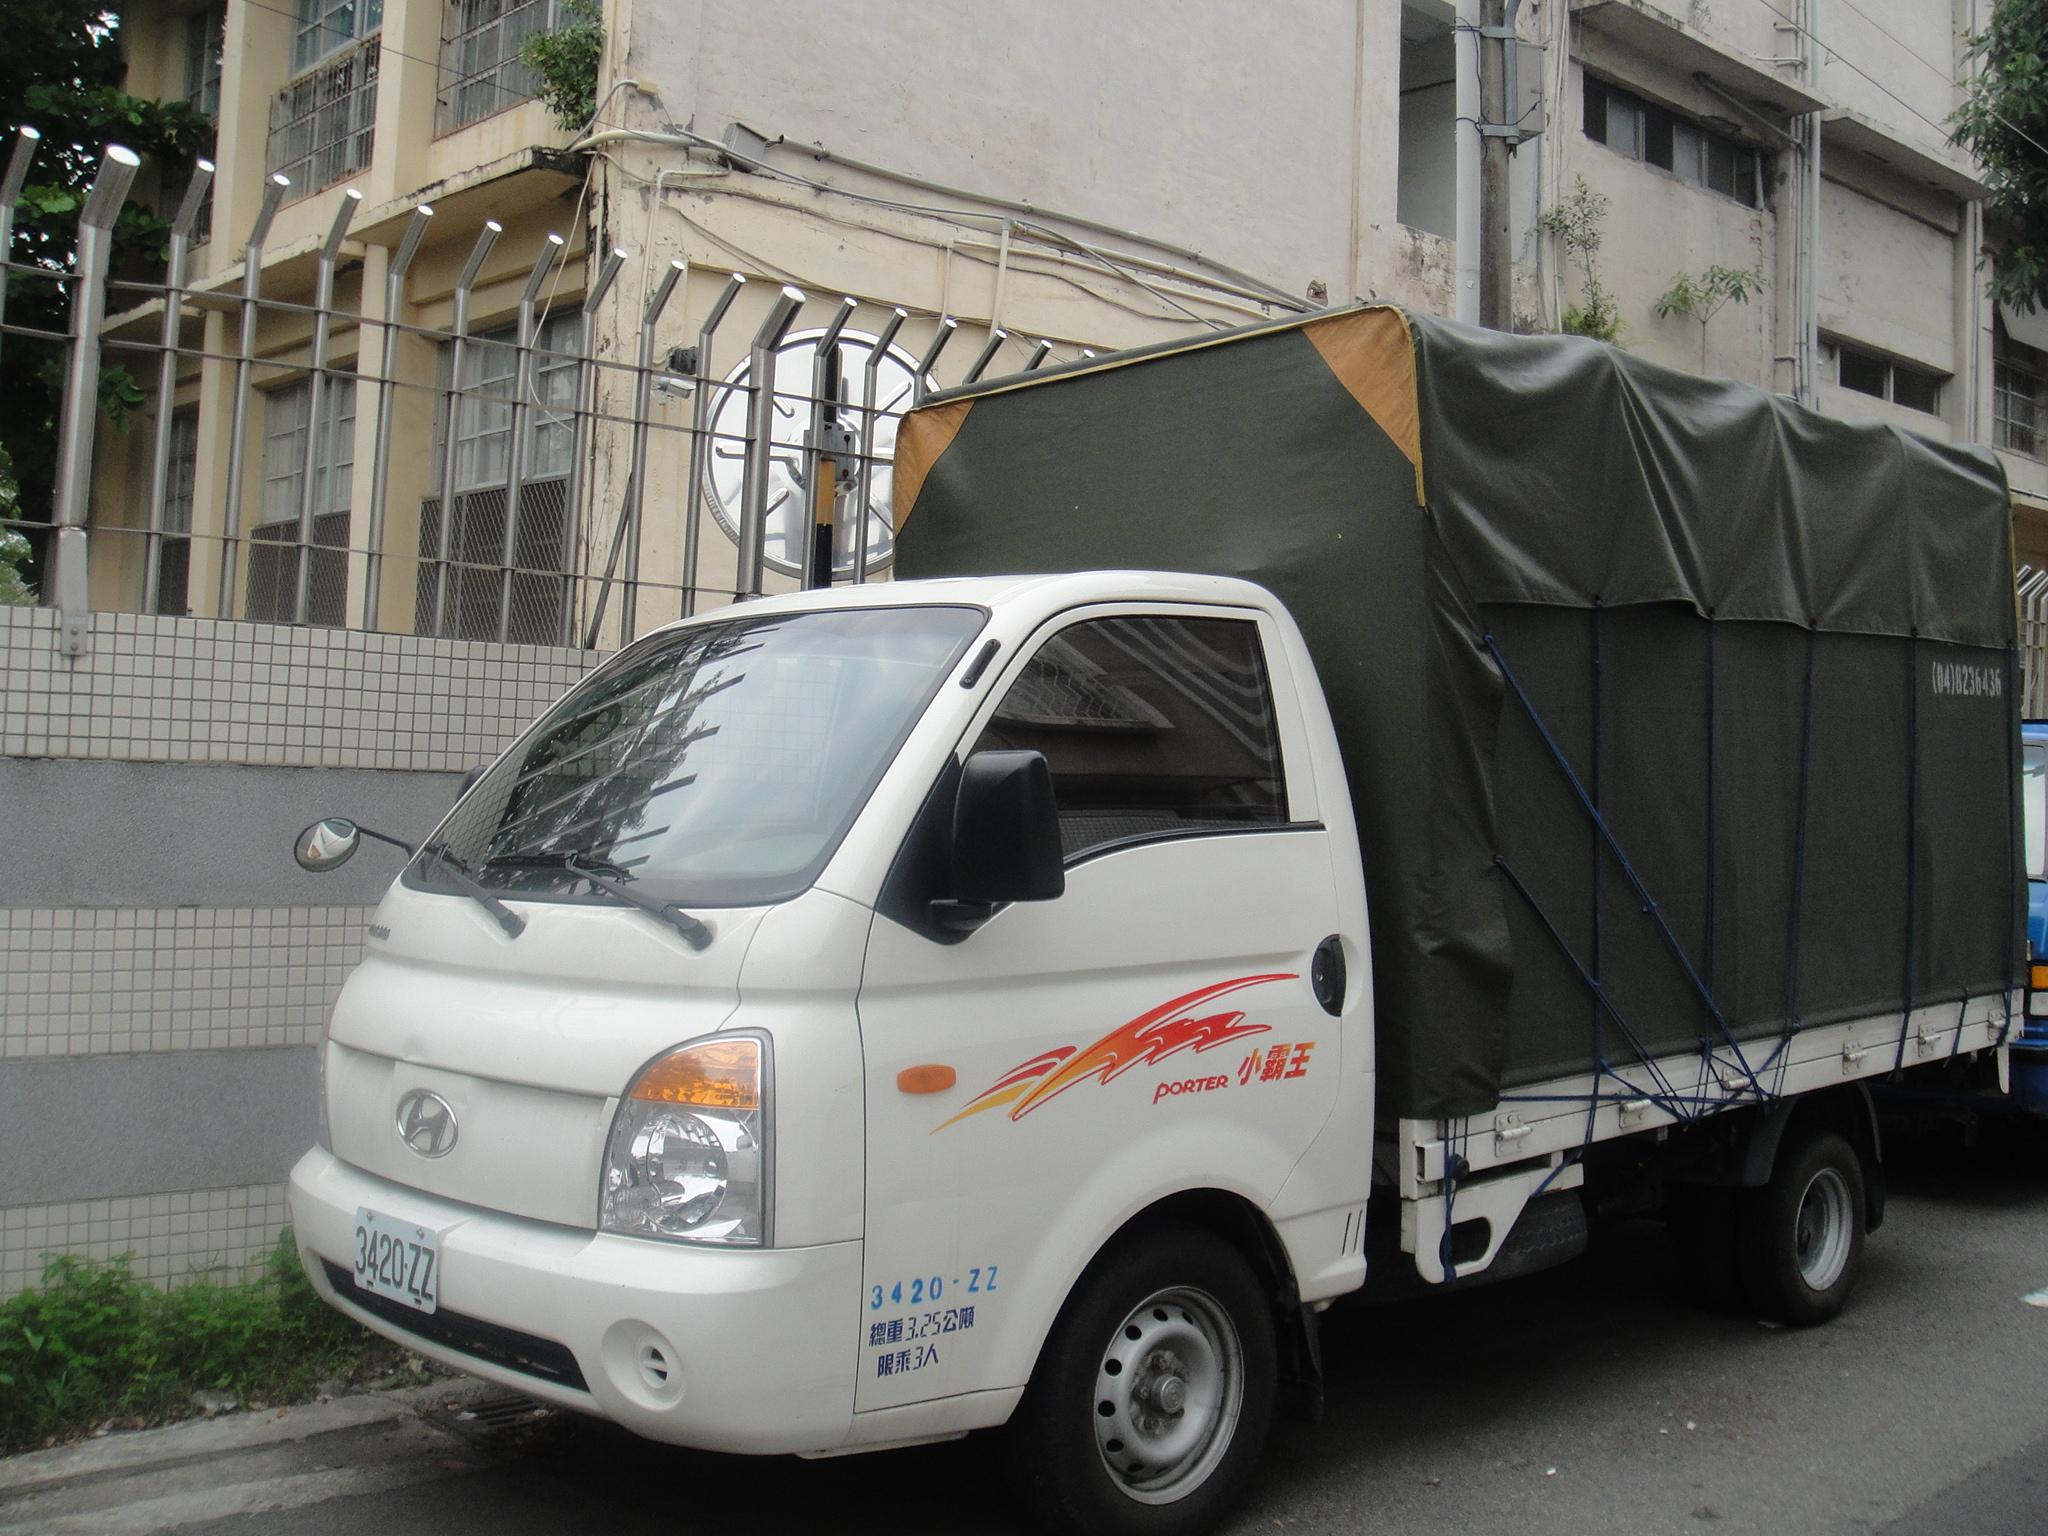 找到了韩国现代汽车柴油 相关的热门资讯.